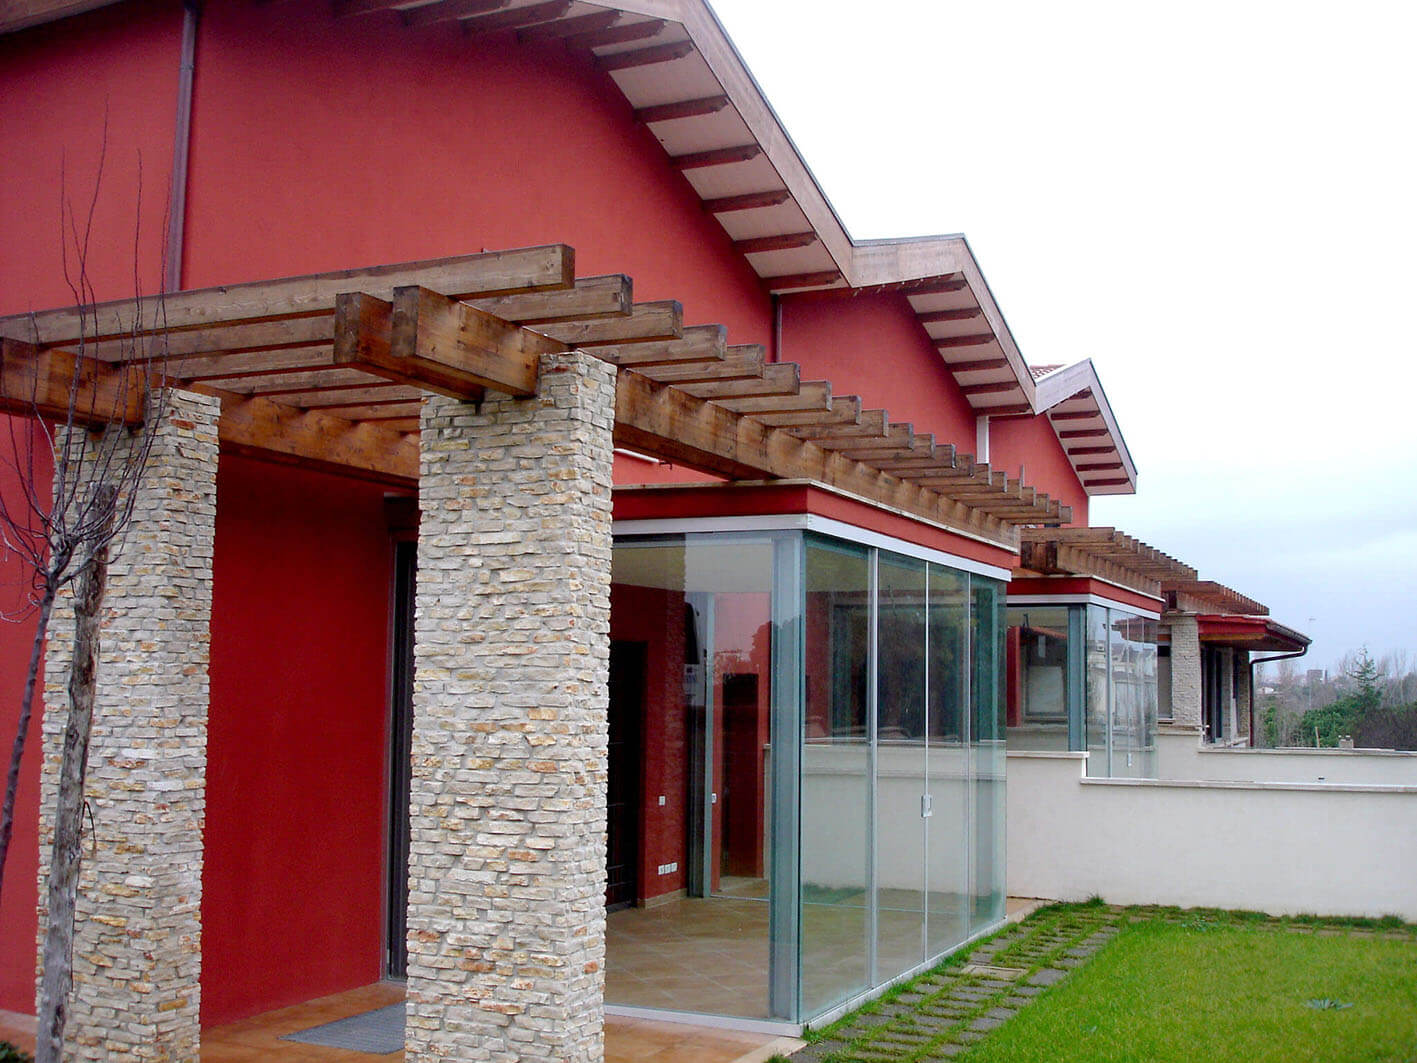 Aldobrandeschi - nuove costruzioni 0 (1)